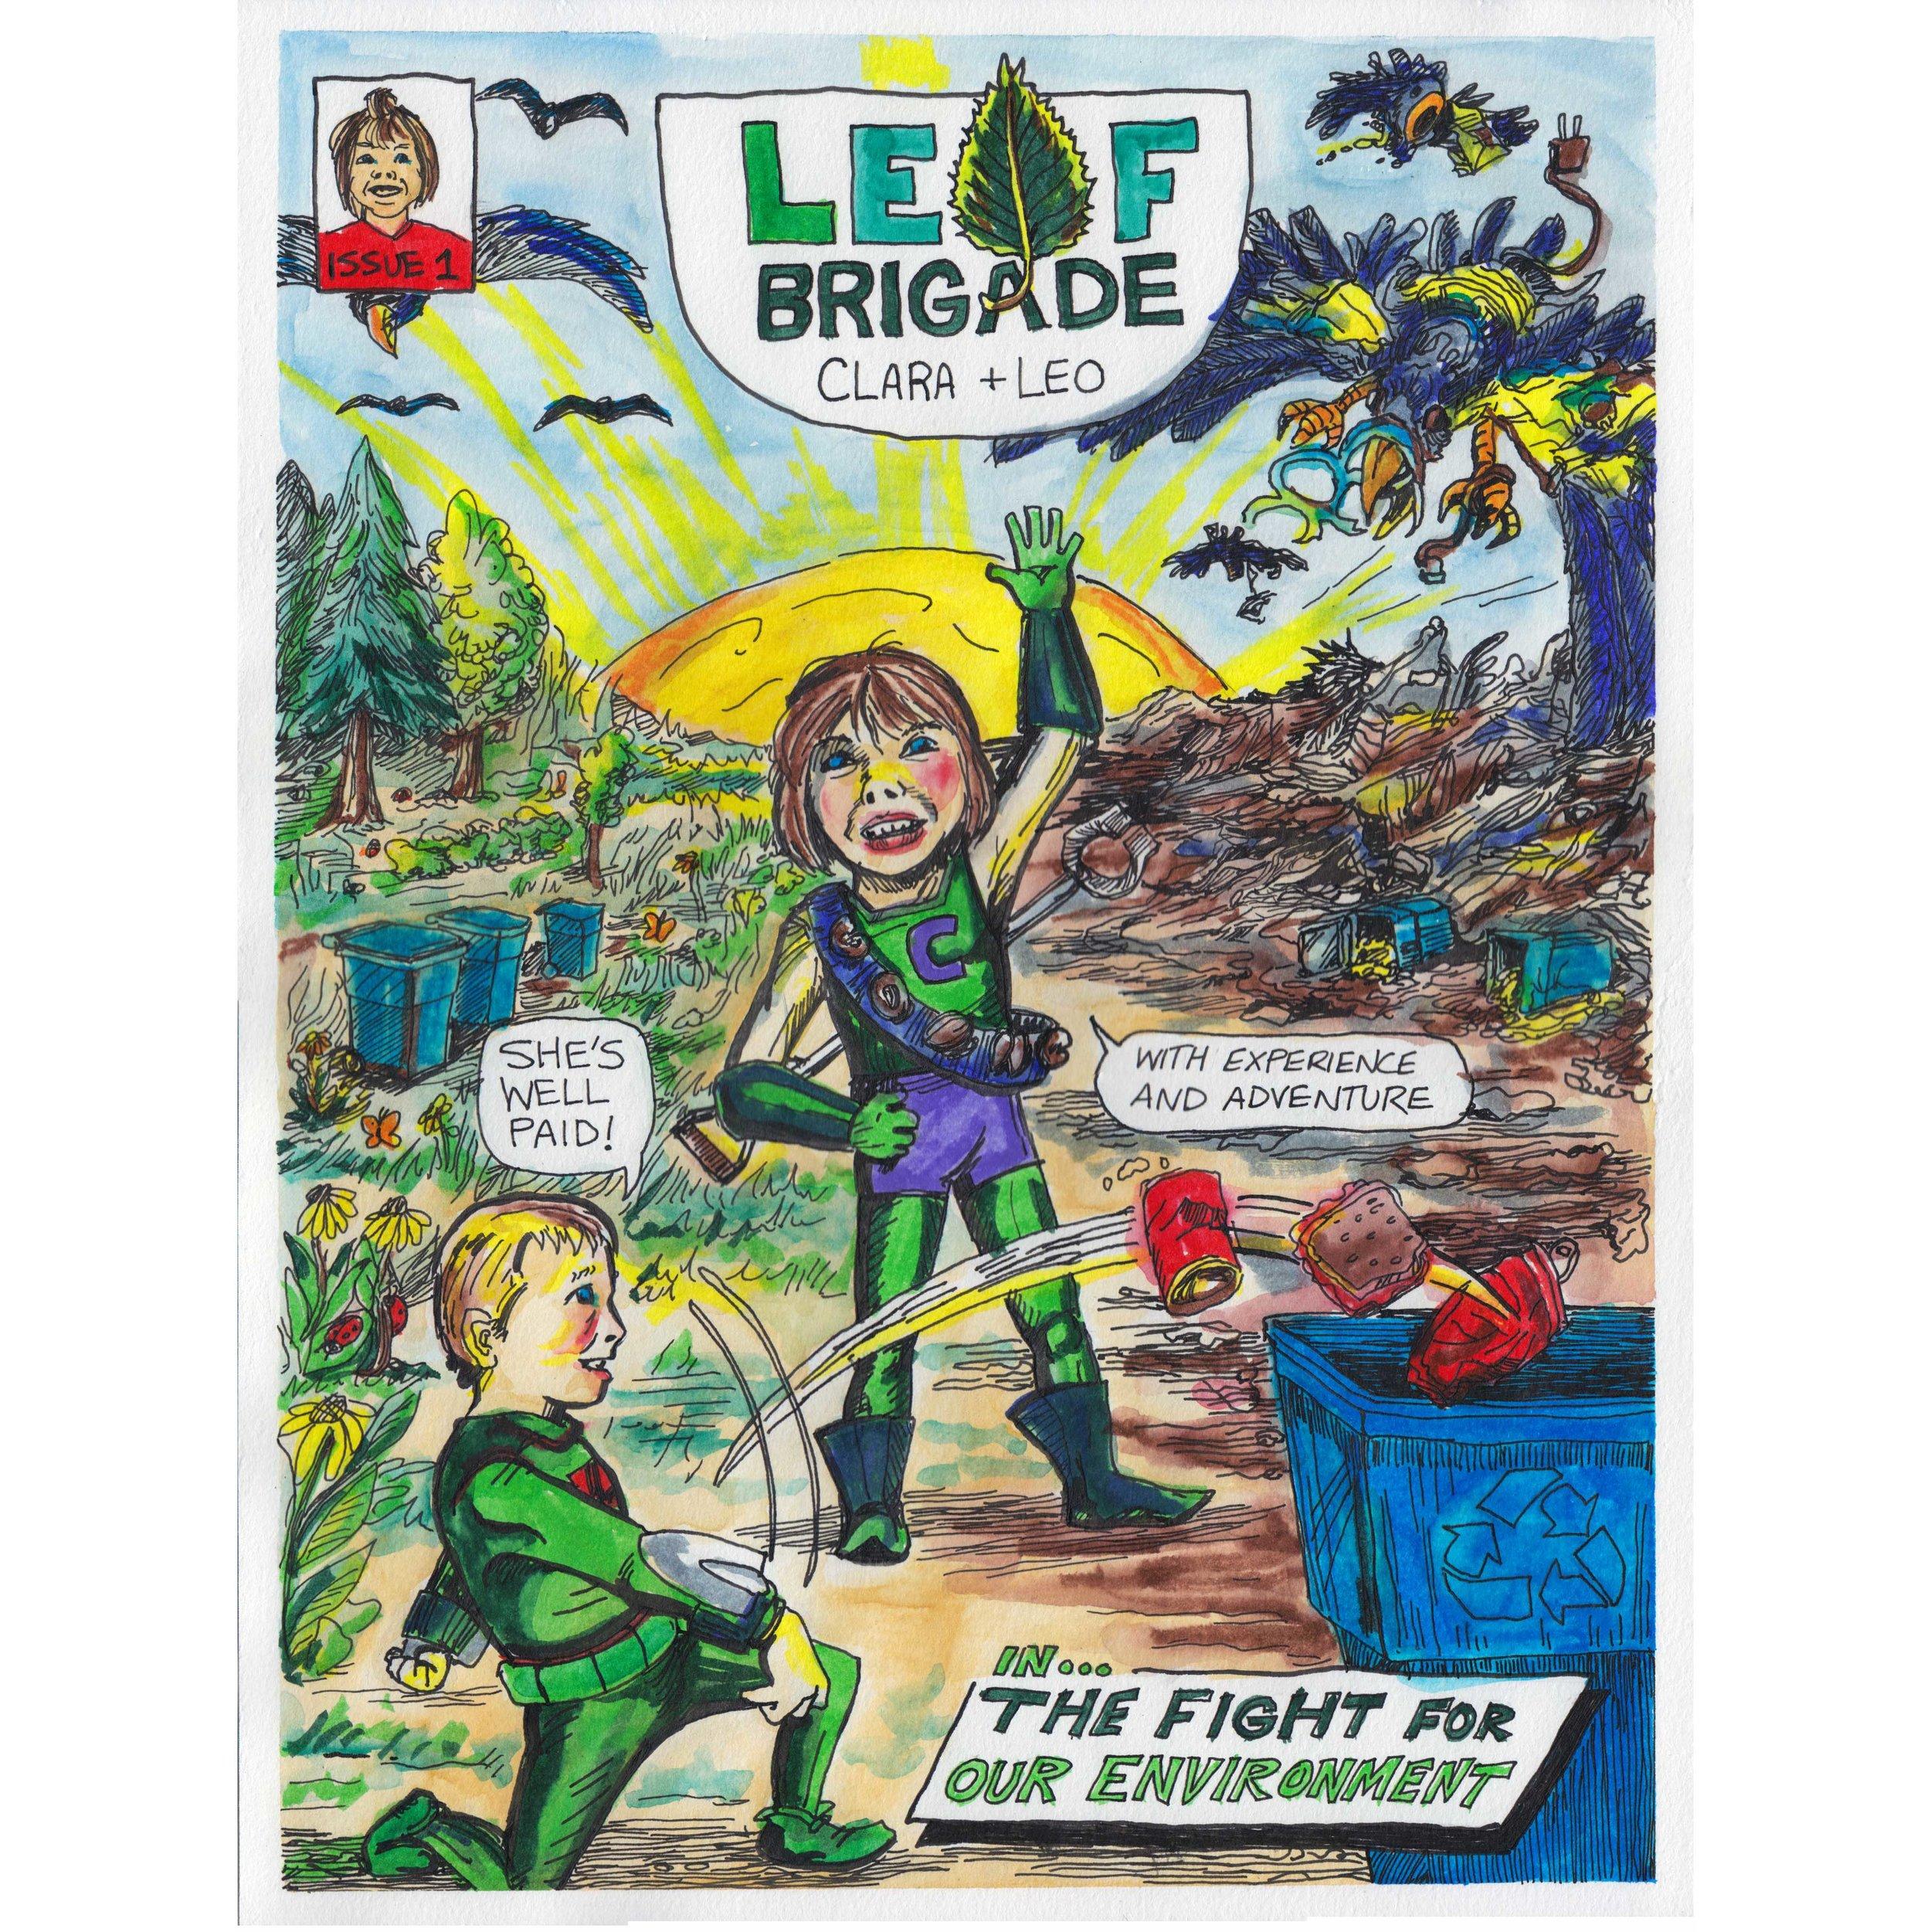 Leaf-Bridage-Clara copy.jpg